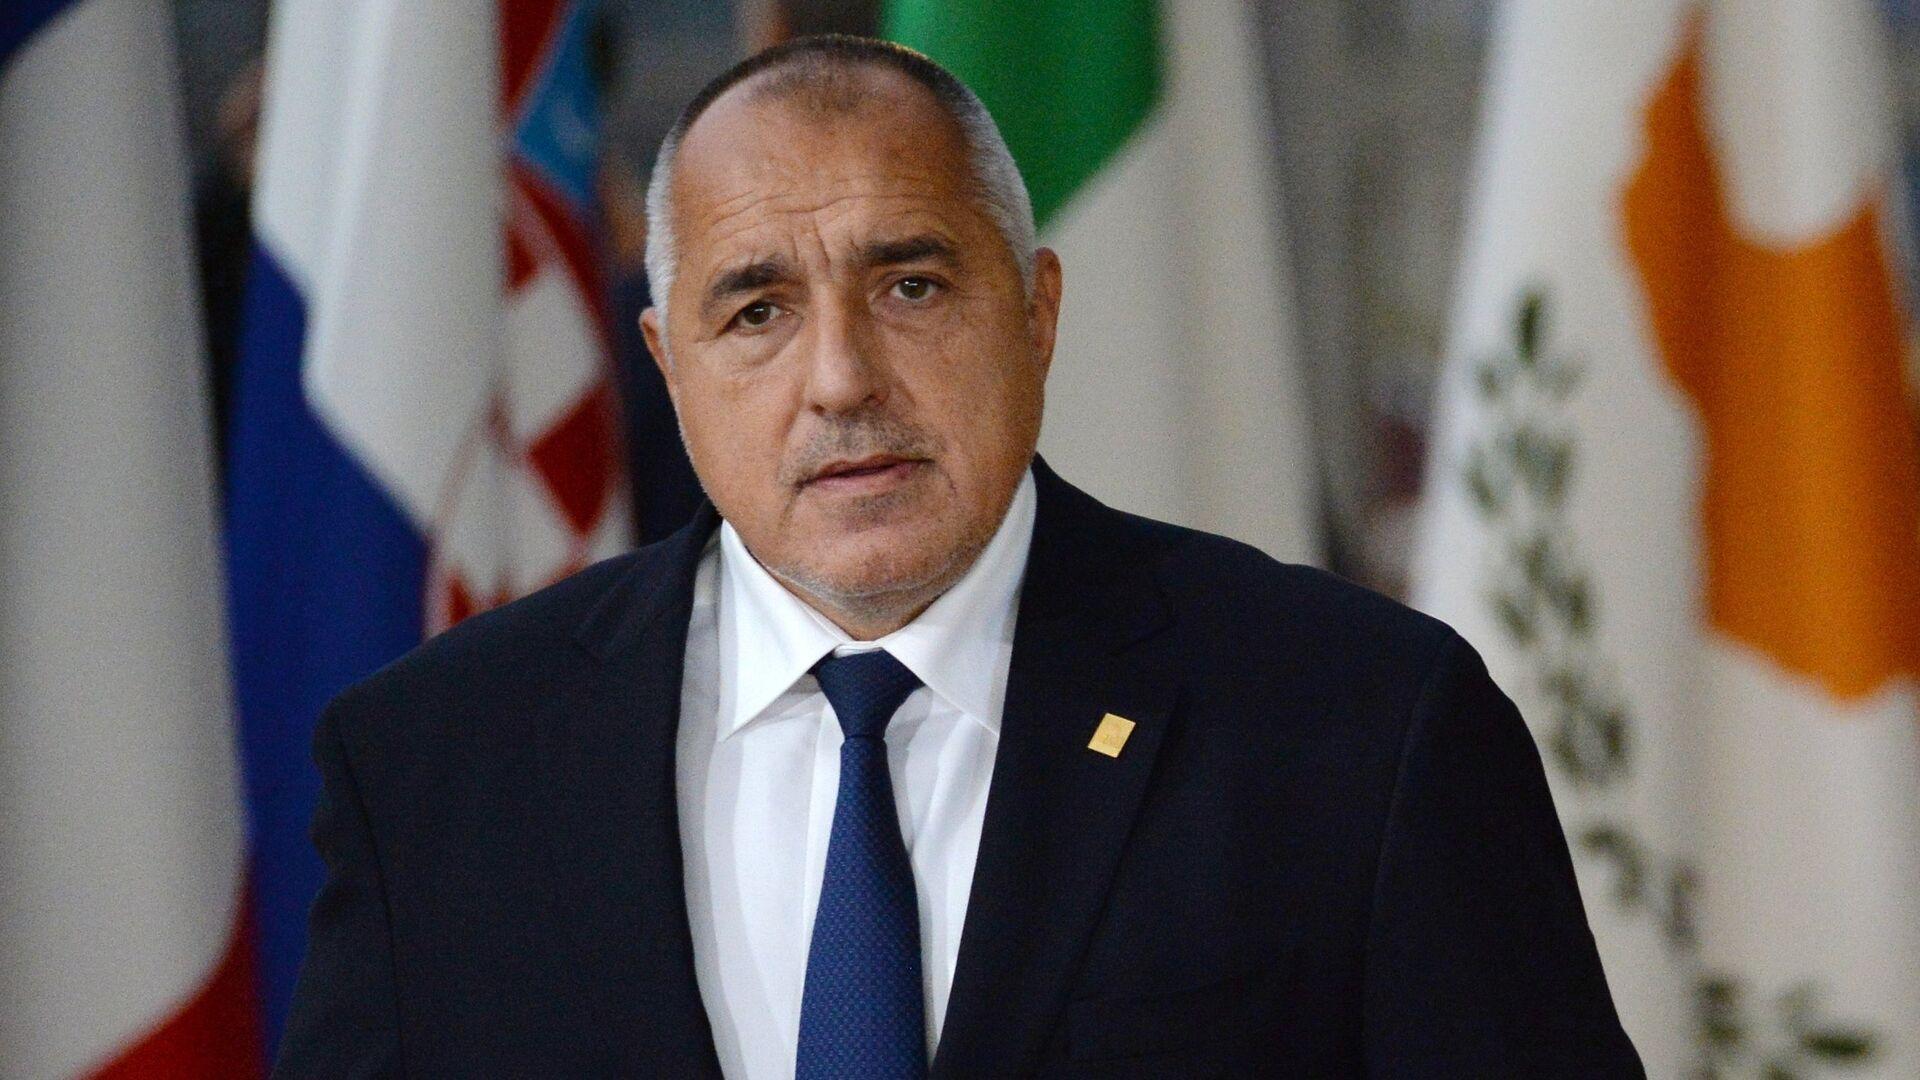 Премьер-министр Болгарии Бойко Борисов на внеочередном саммите ЕС по брекзиту в Брюсселе. 25 ноября 2018 - РИА Новости, 1920, 20.03.2021